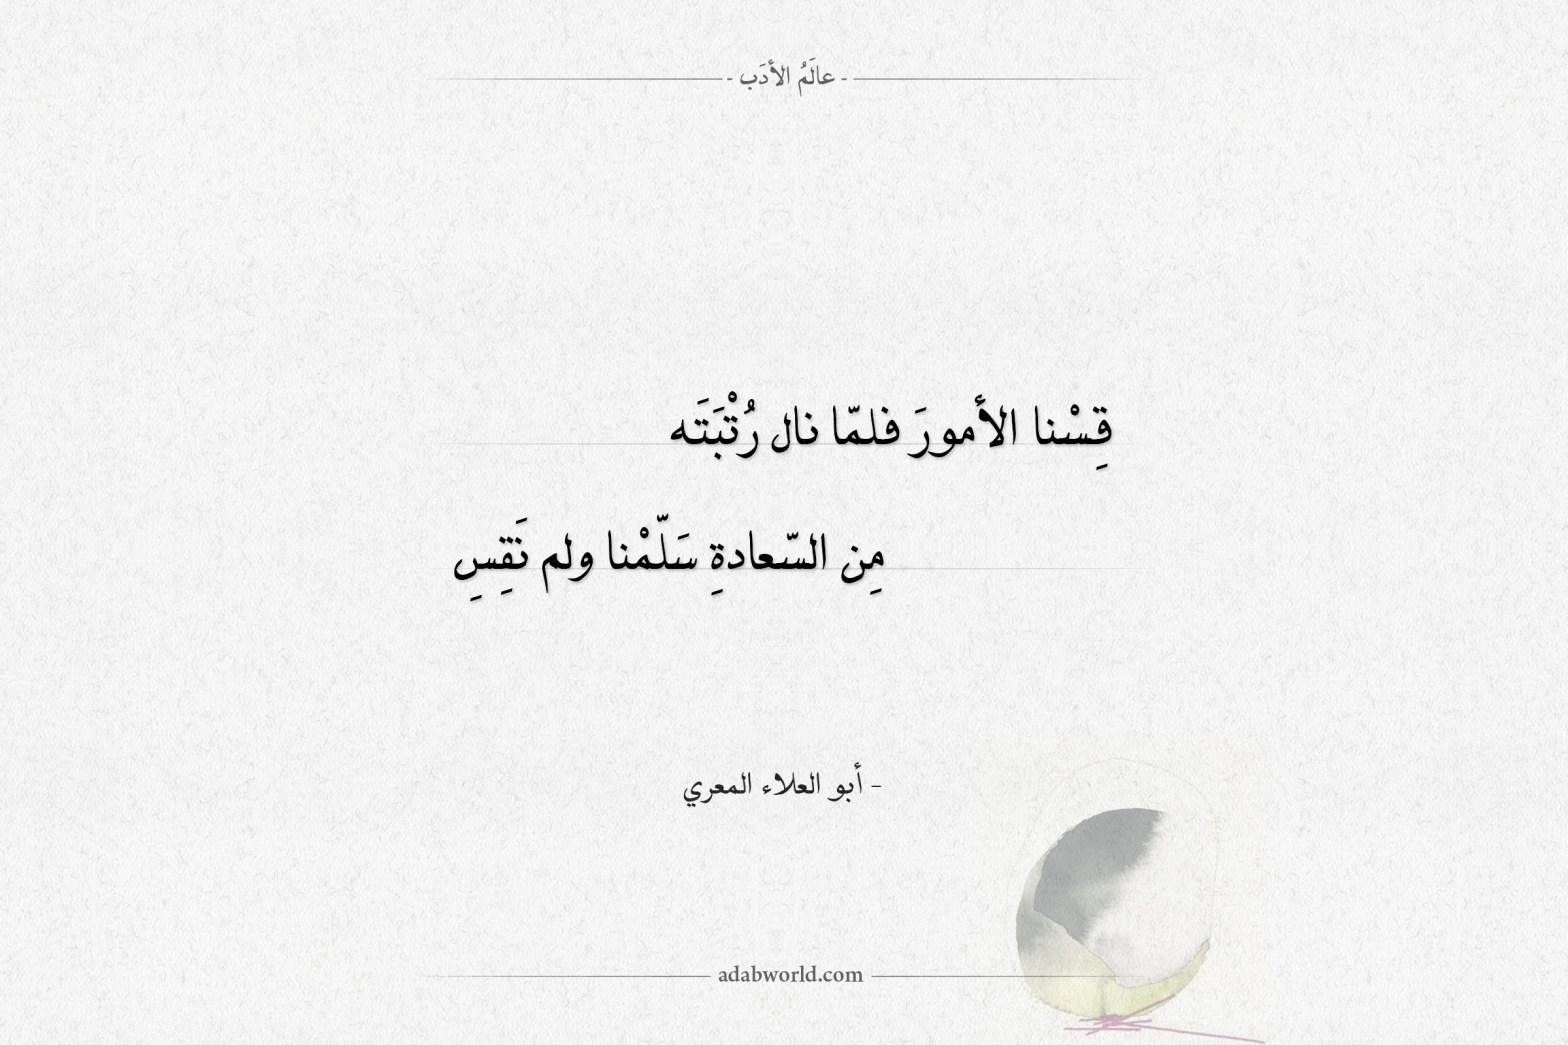 شعر أبو العلاء المعري سلمنا ولم نقس